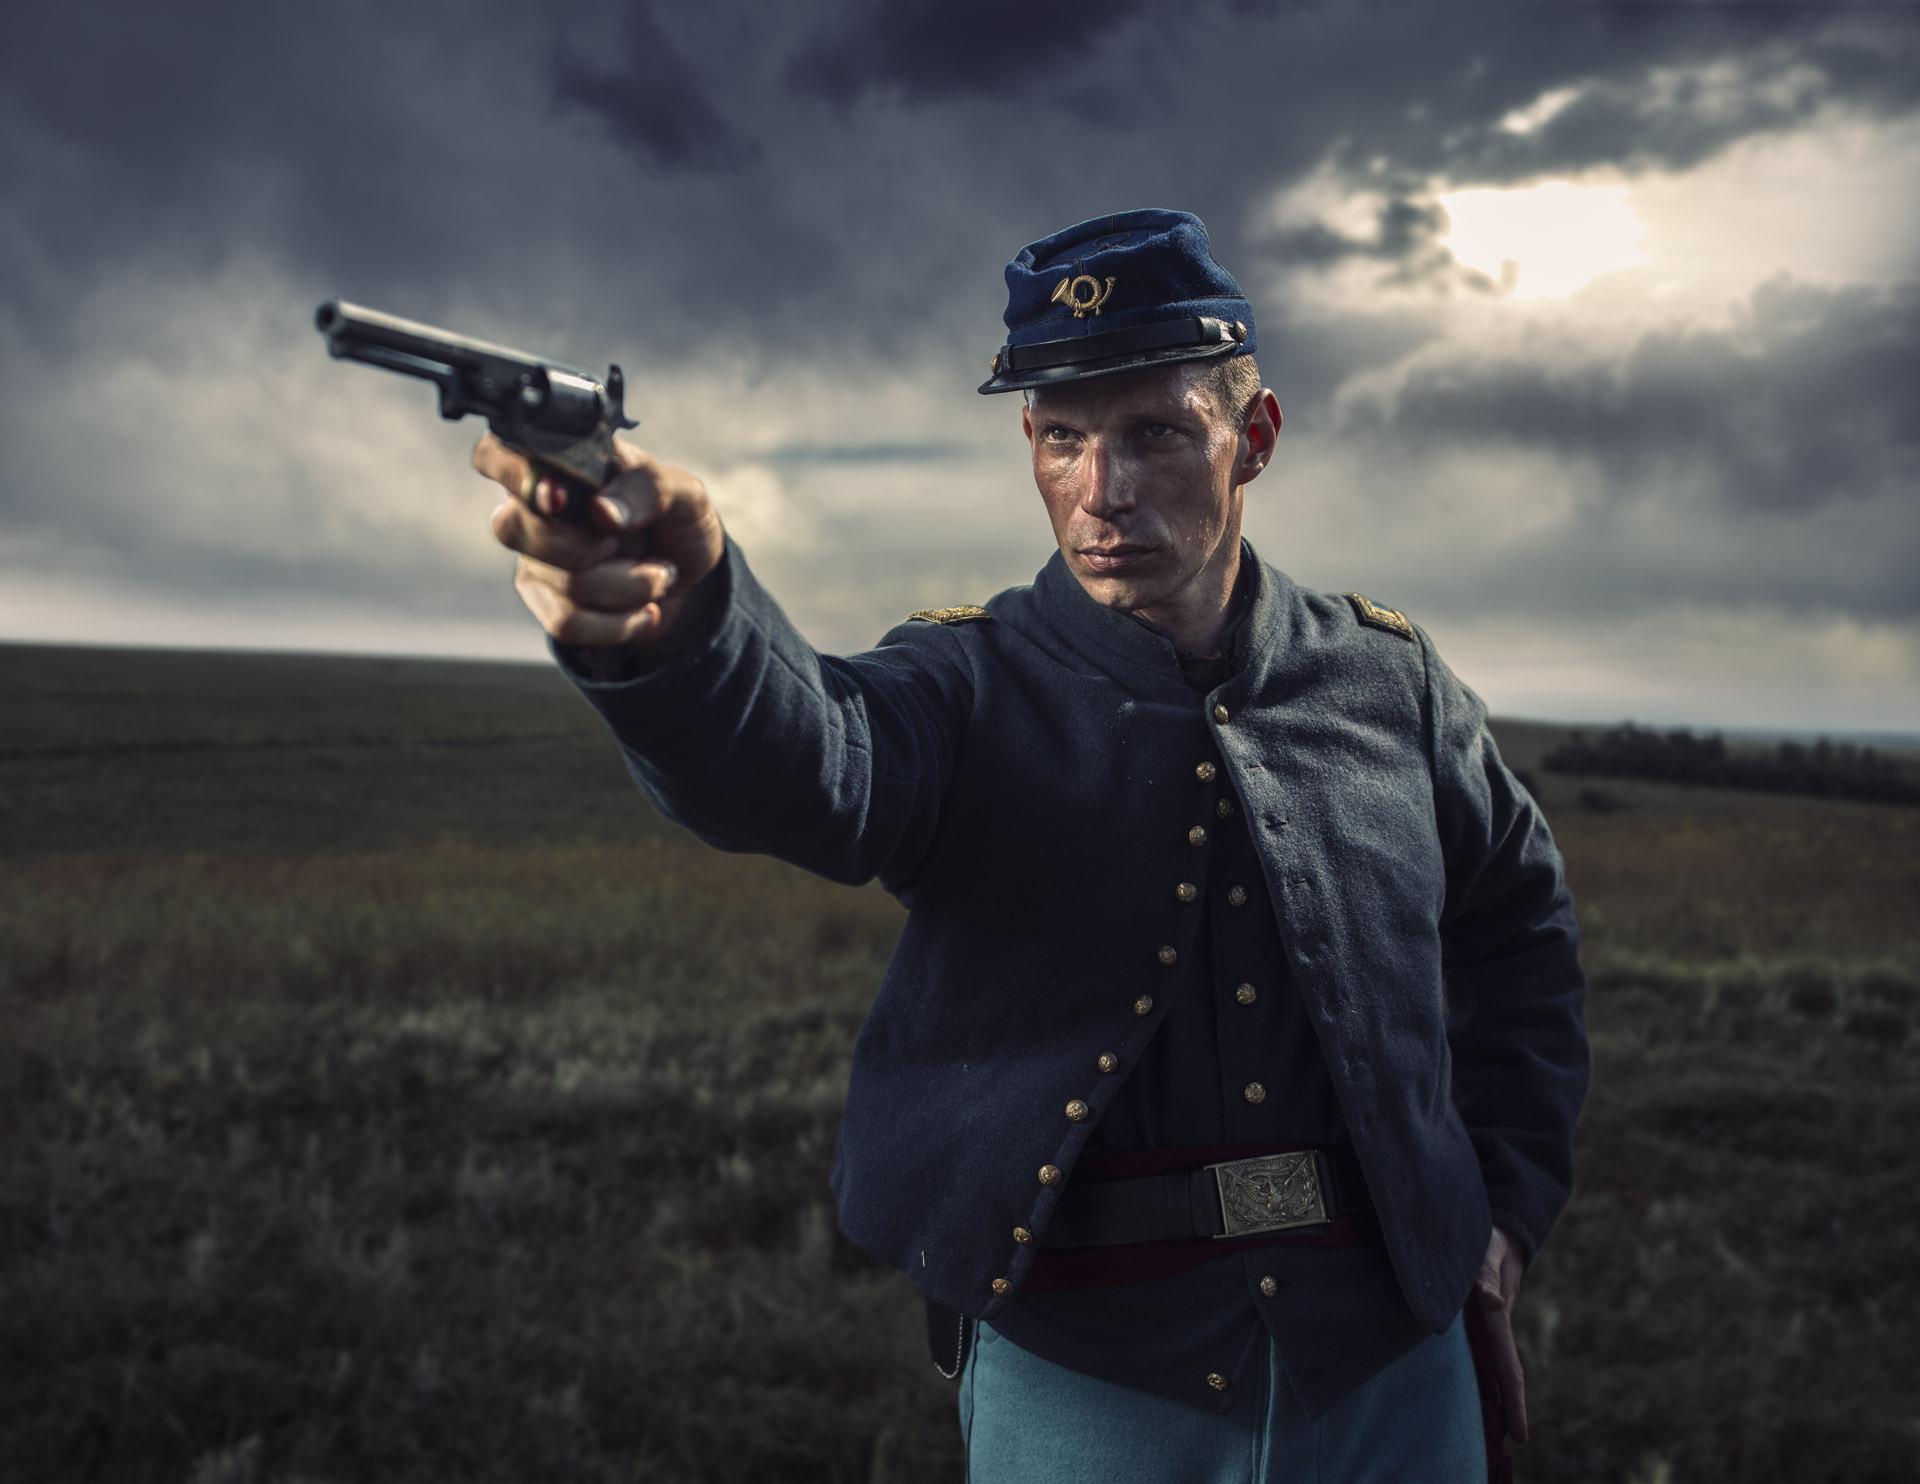 Cinematic color grade civil war soldier justin lister